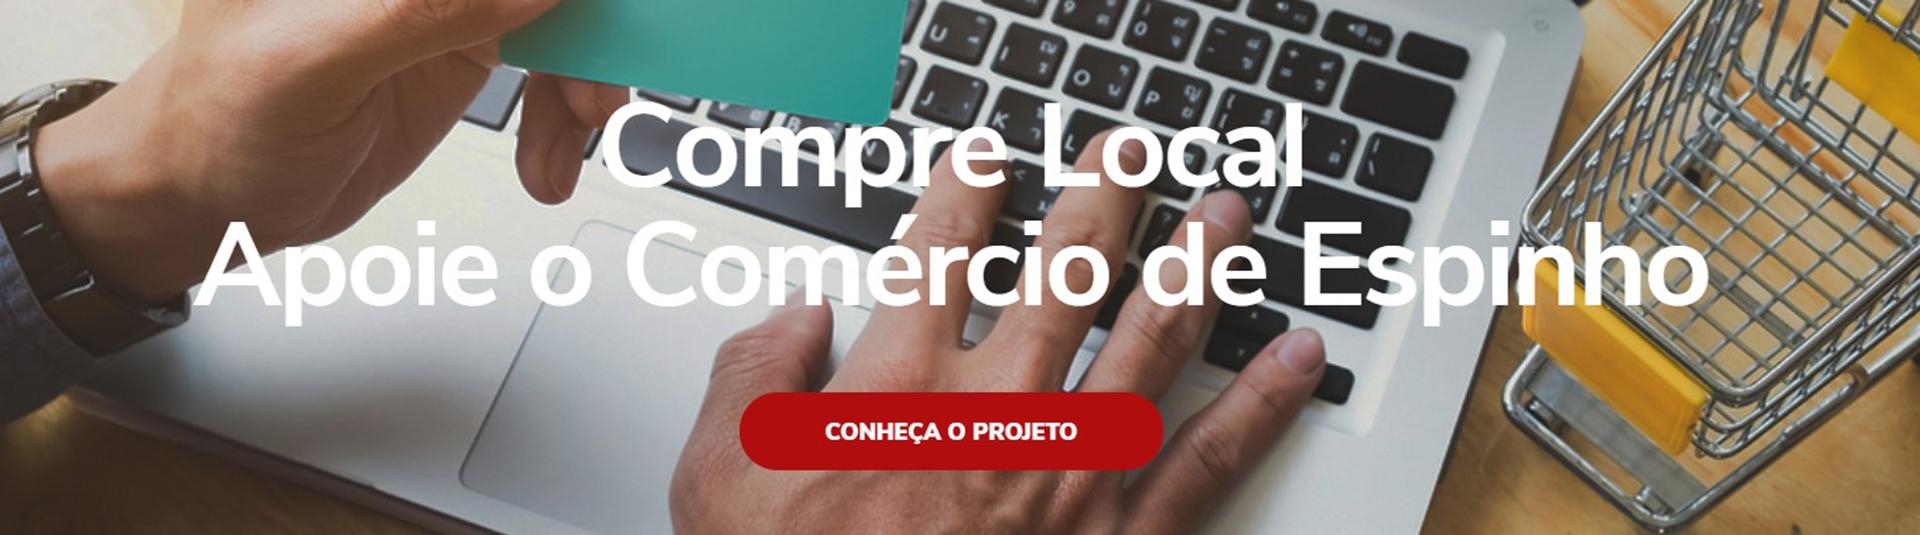 Município de Espinho apoia comércio local em parceria com os CTT